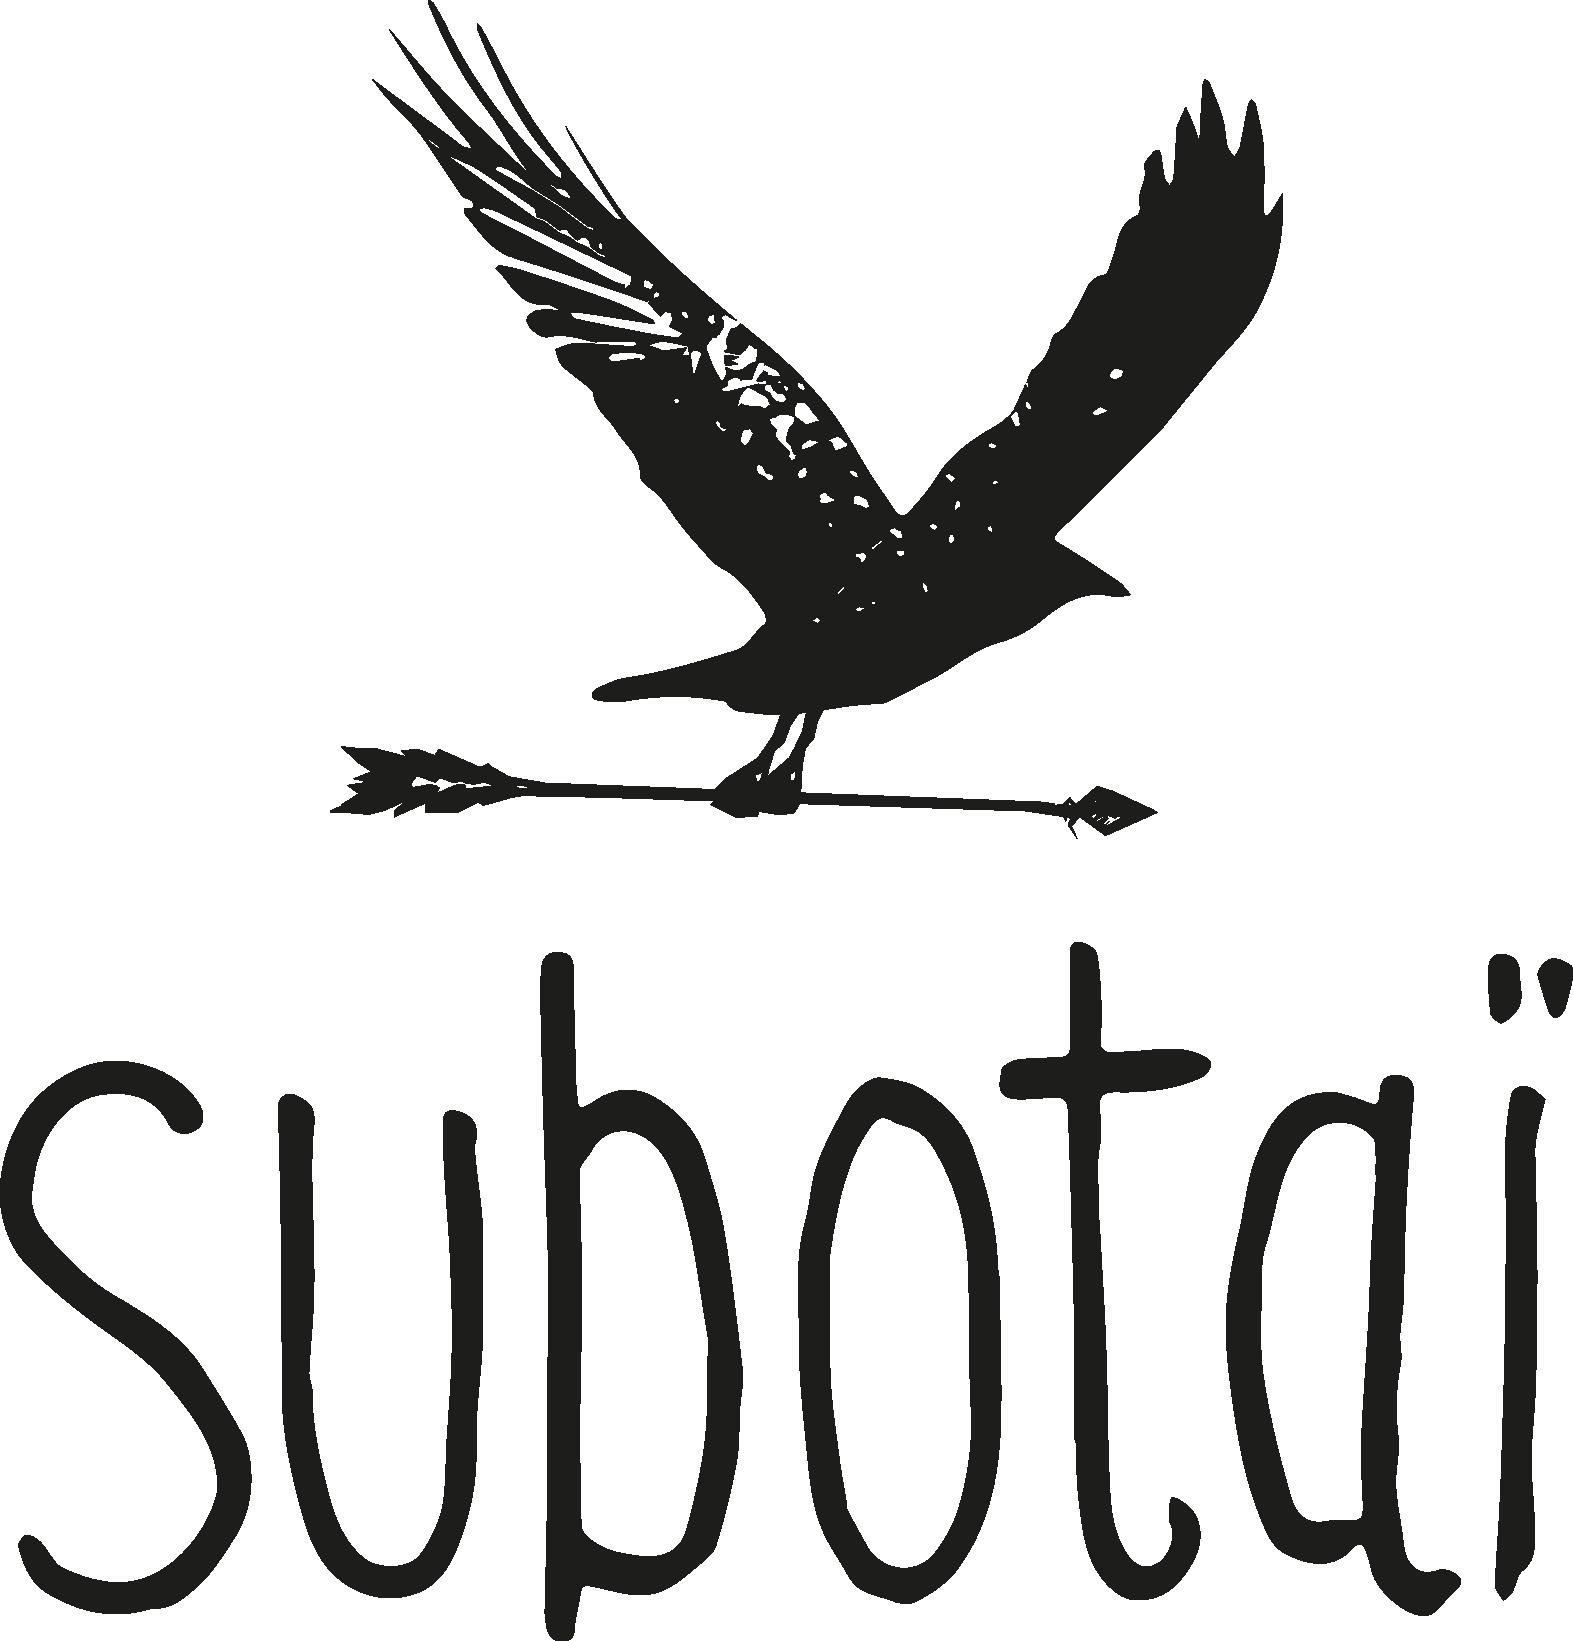 Subotaï